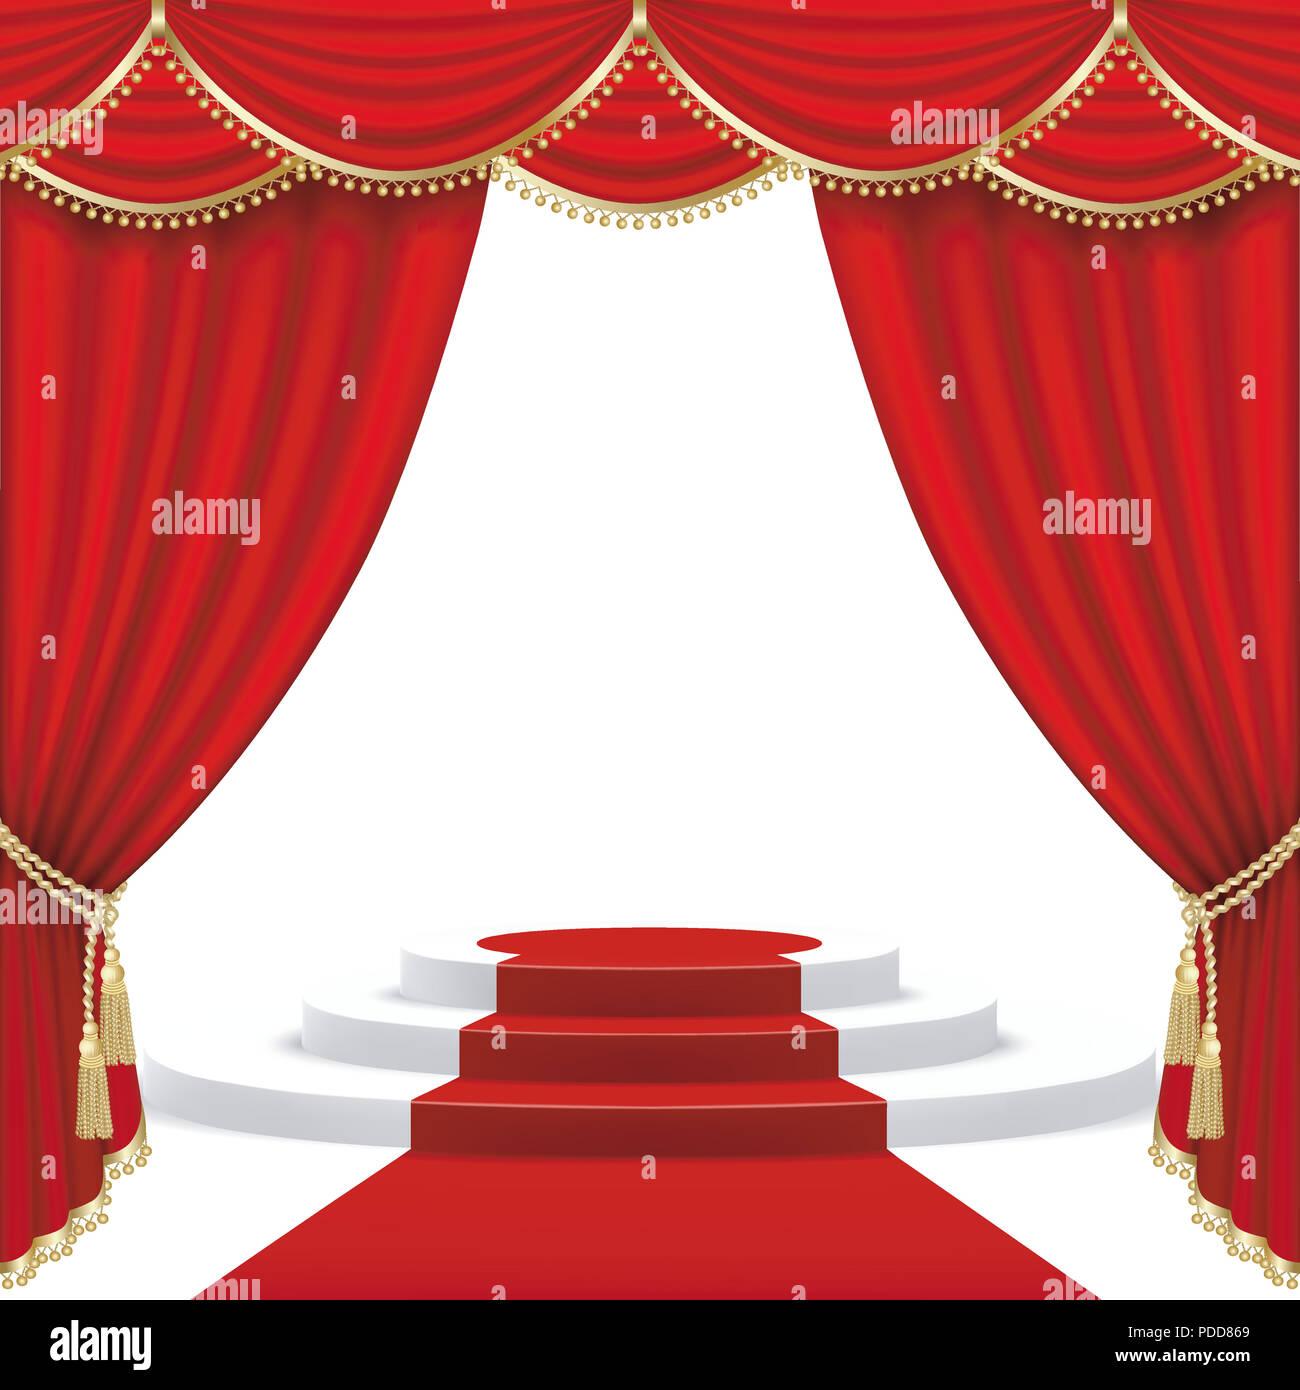 https www alamyimages fr scene de theatre avec rideau rouge masque de decoupe mesh image214806769 html